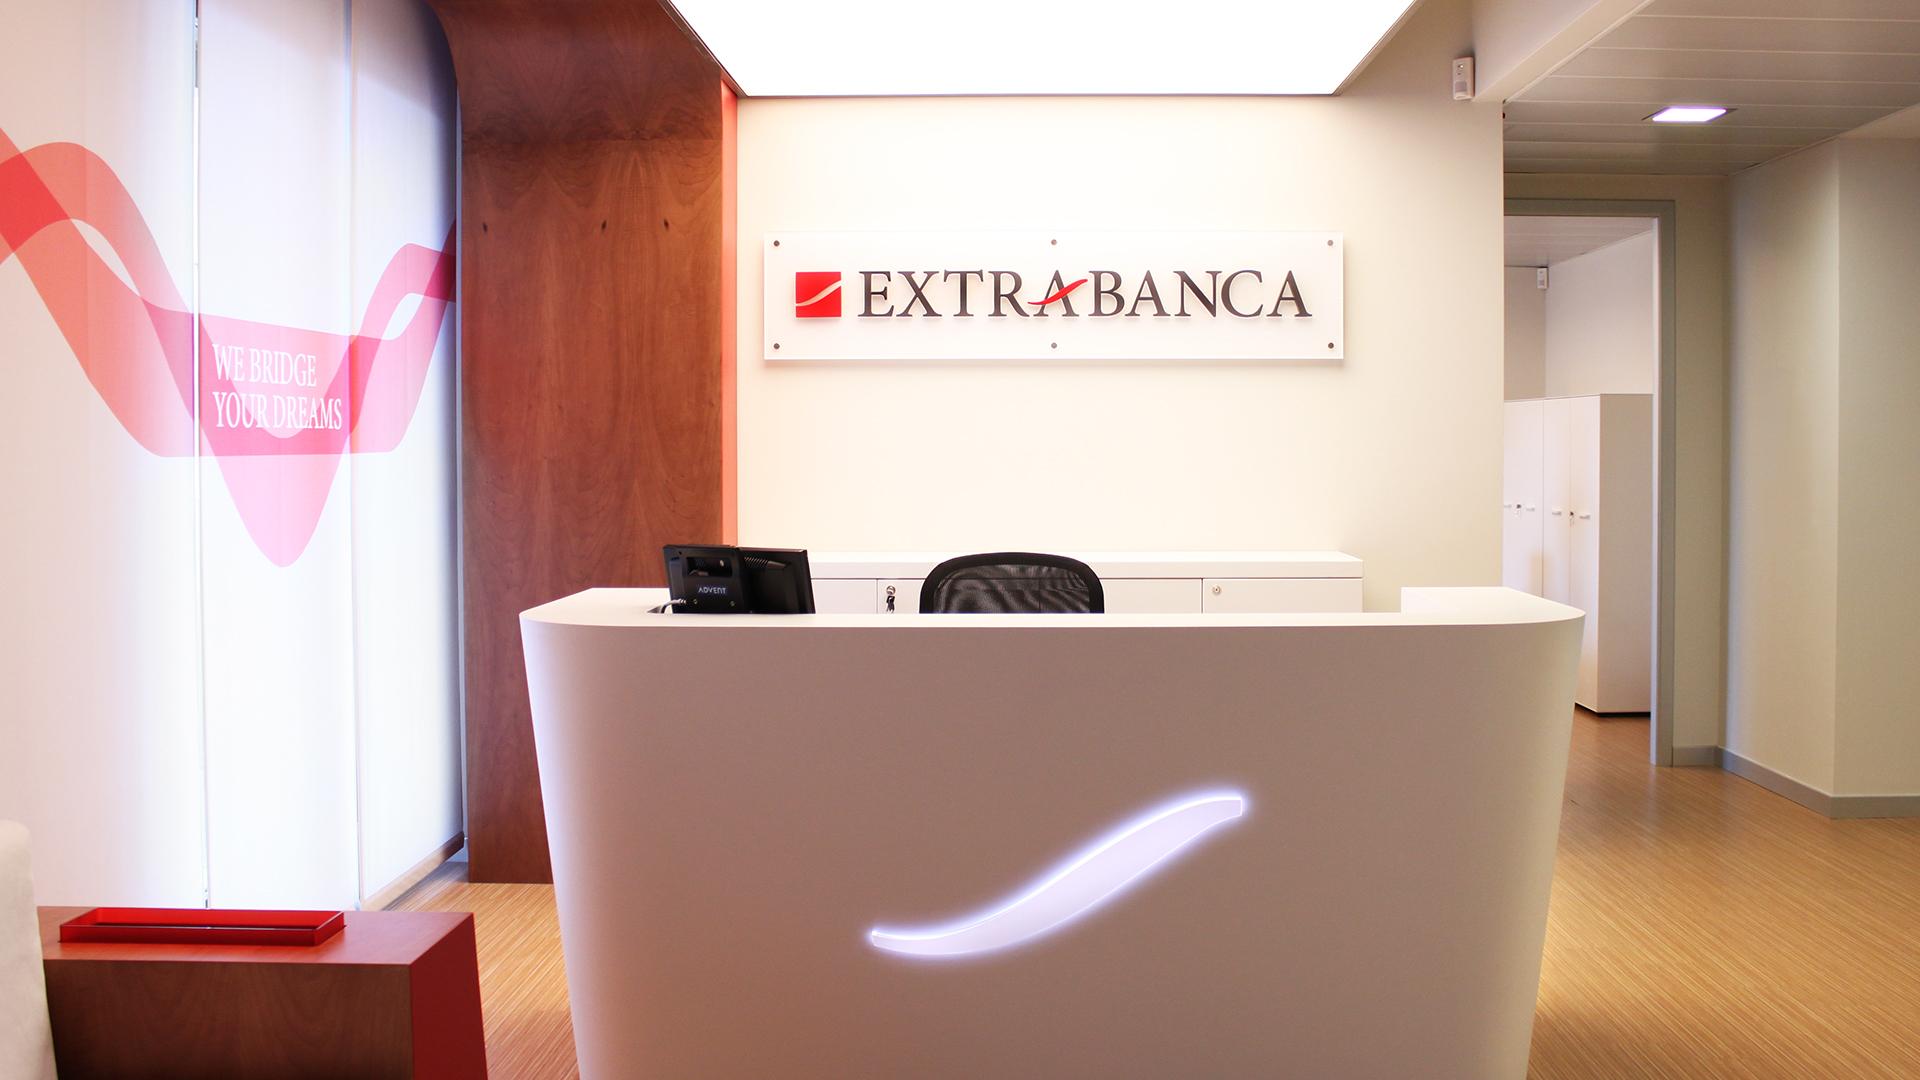 Extrabanca